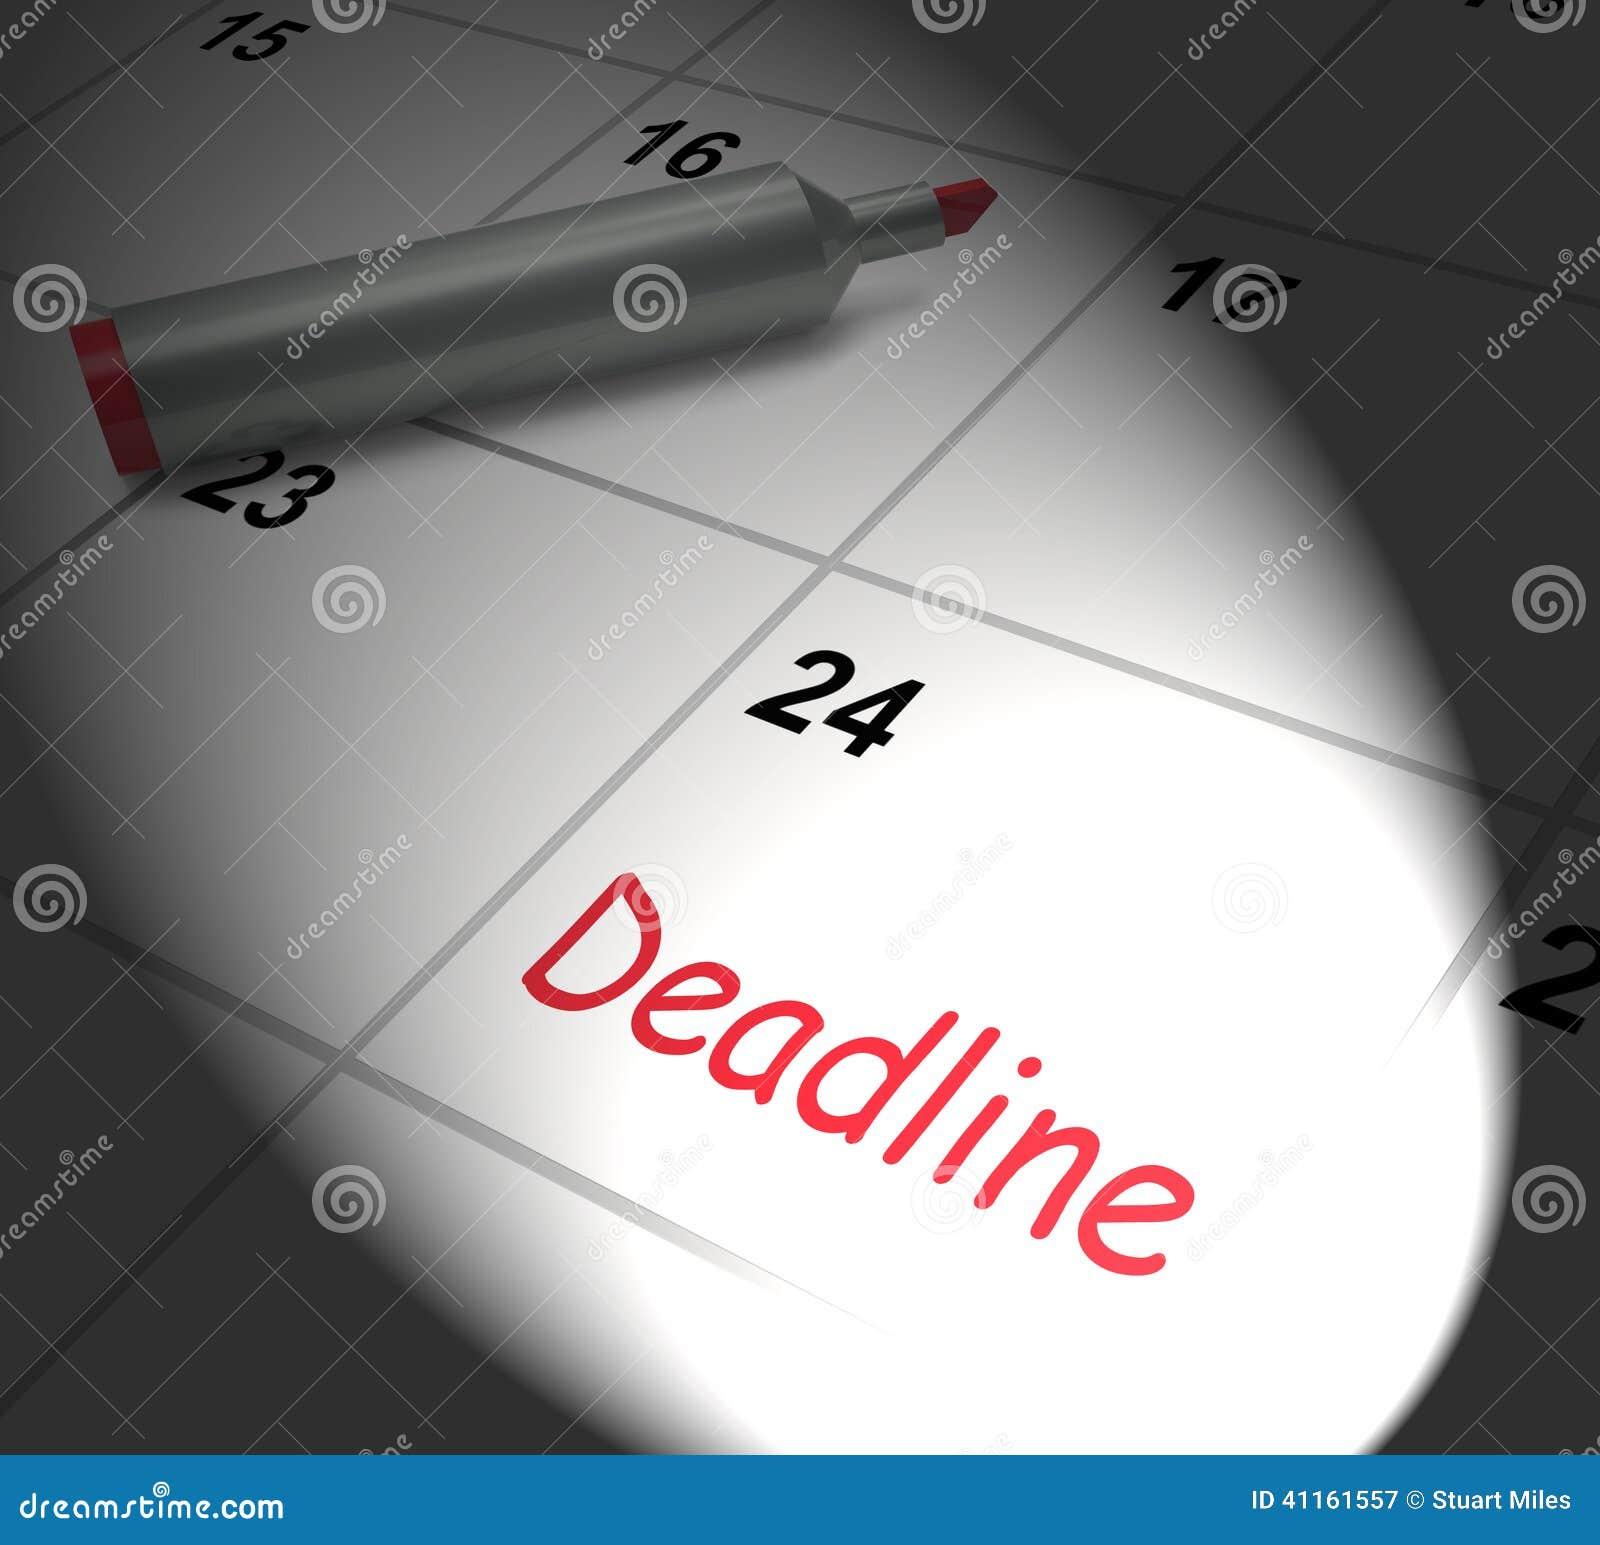 Visualizza Calendario.Il Calendario Di Termine Visualizza La Scadenza Ed Il Taglio